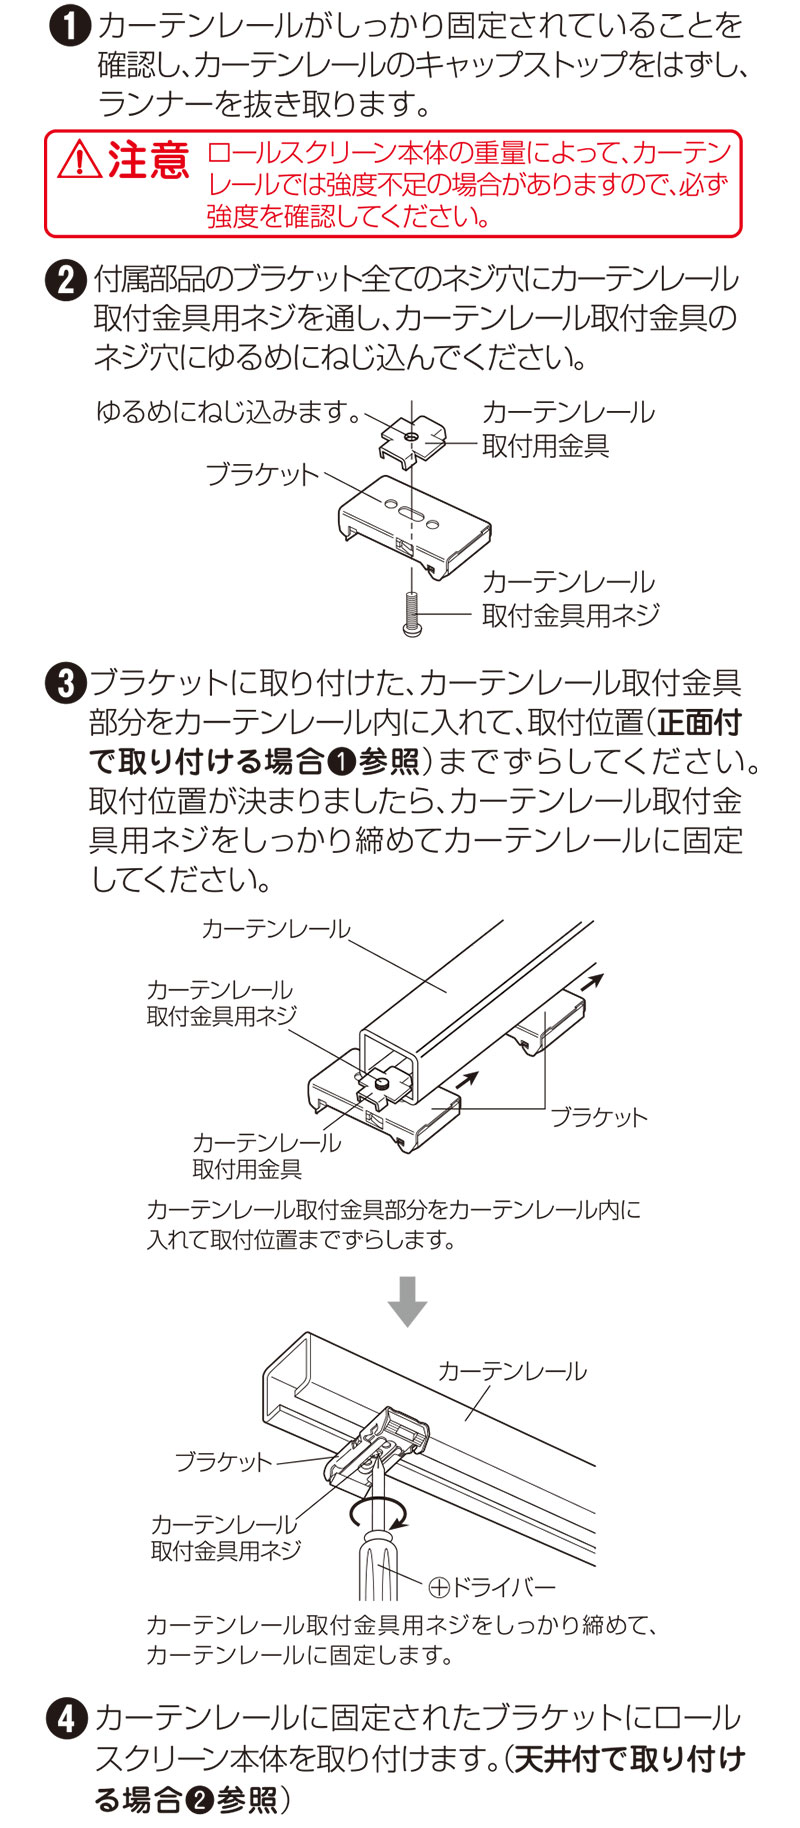 透明ロールスクリーン プルコード式取付方法6 カーテンレール